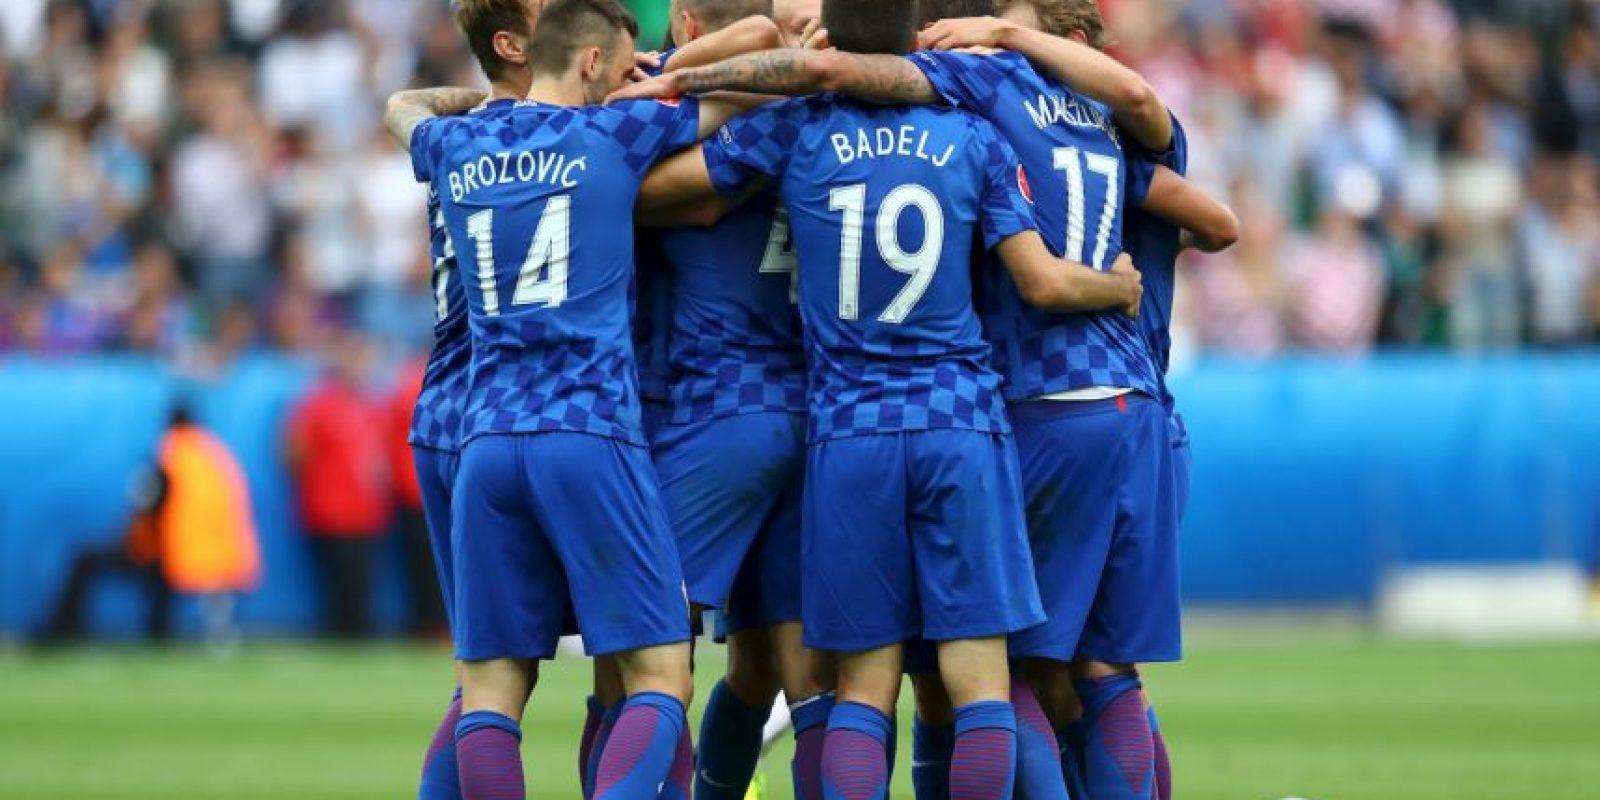 Los croatas suman cuatro puntos y necesitan un empate para avanzar de ronda Foto:Getty Images